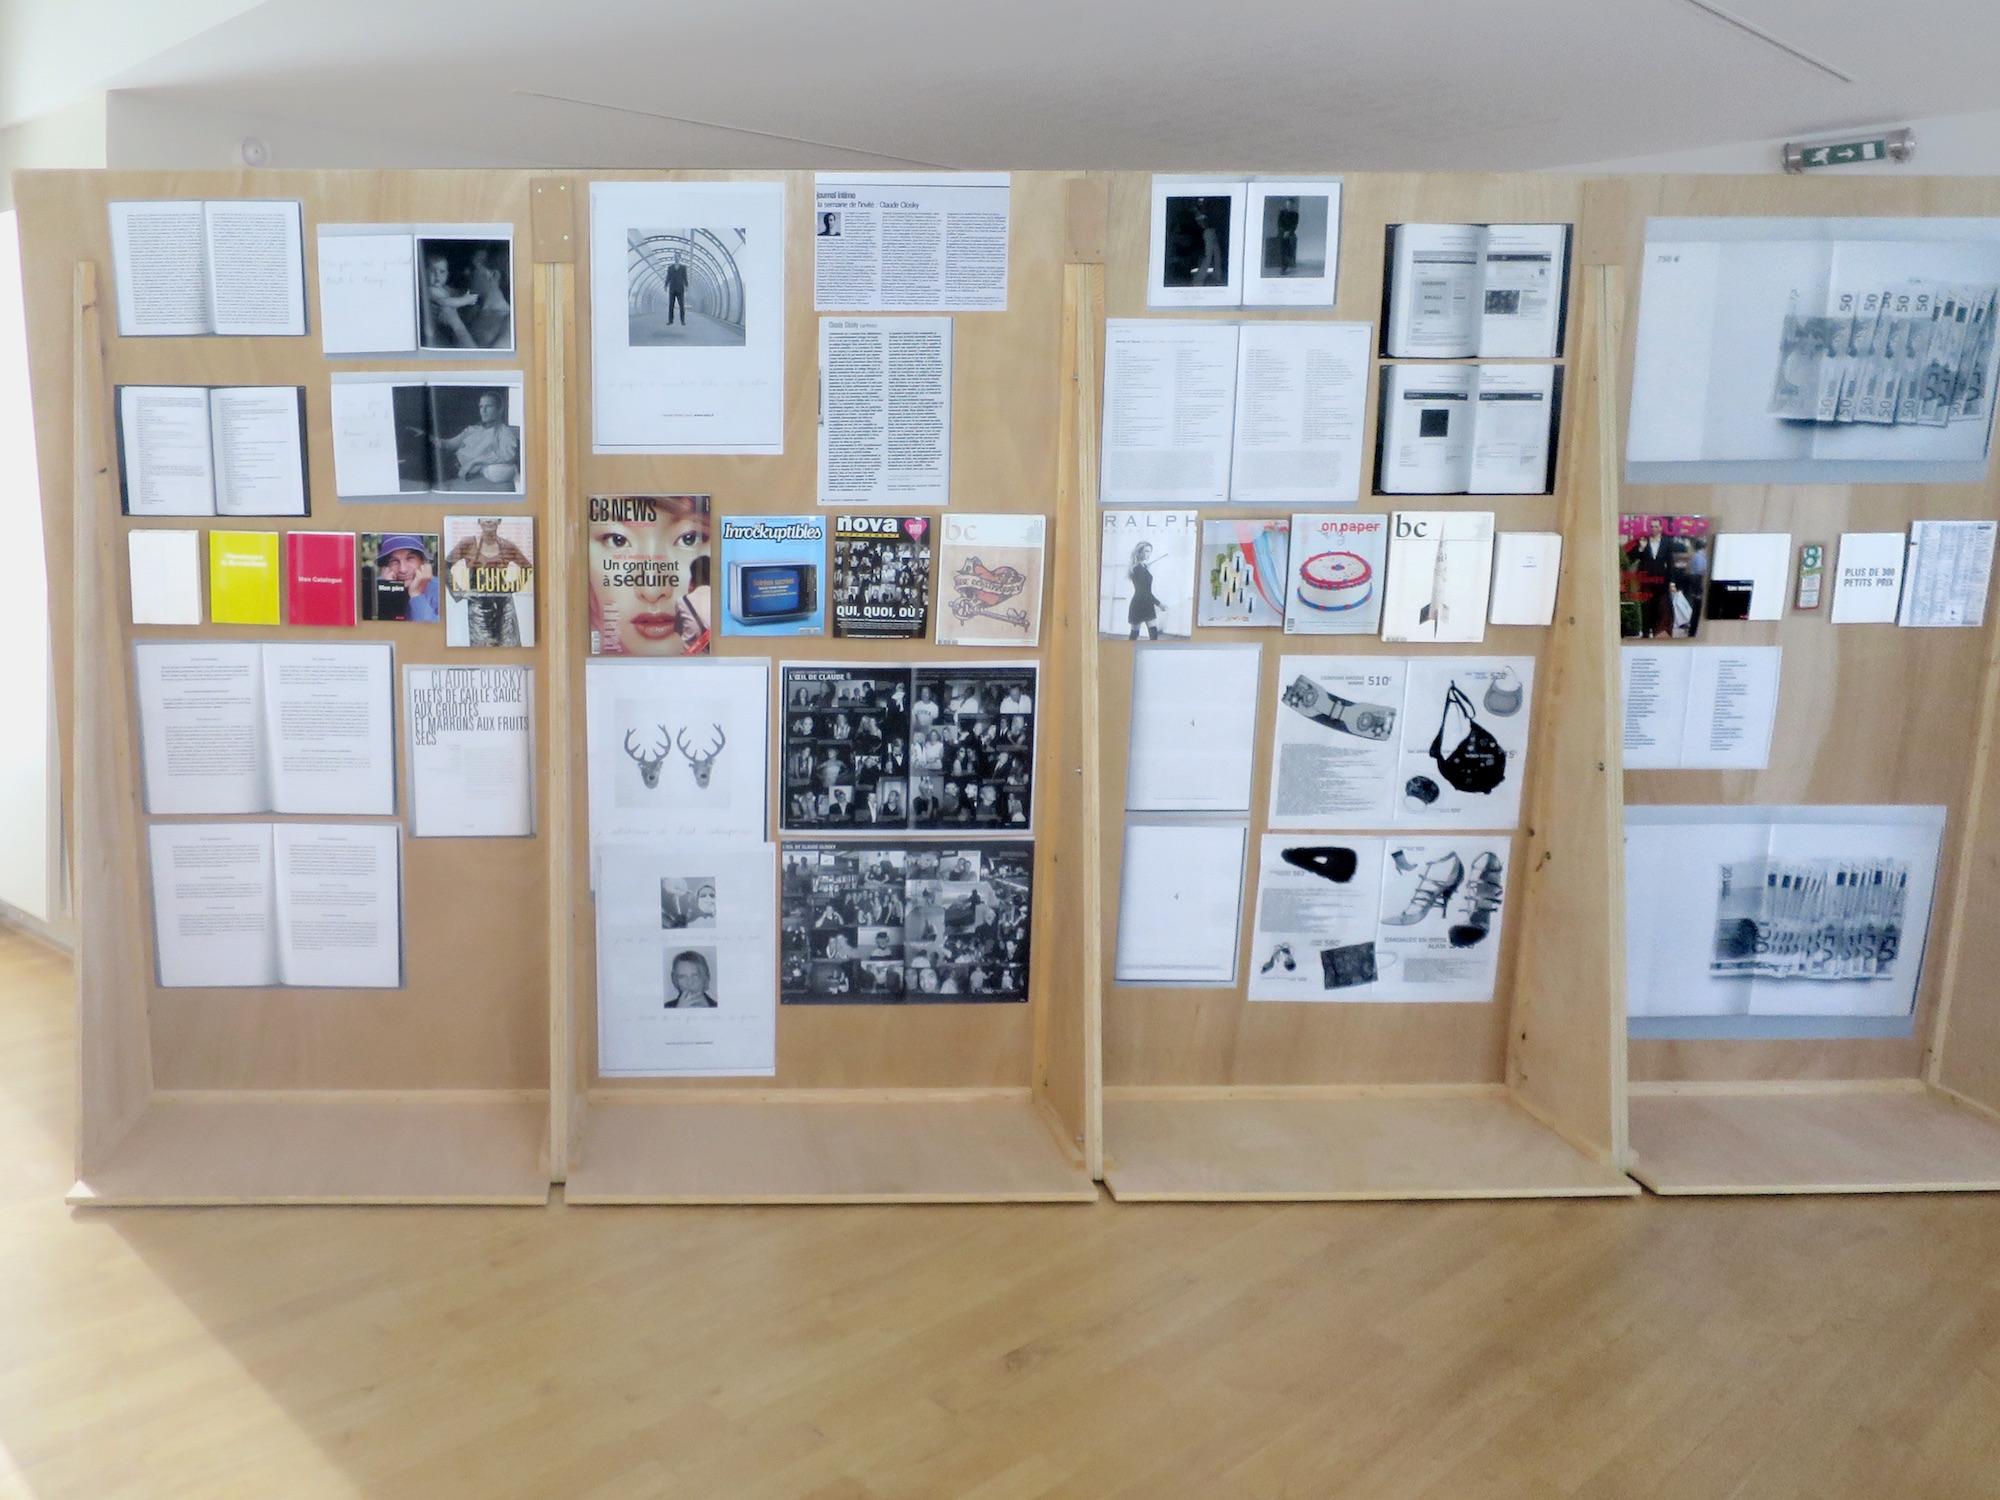 Claude Closky, 'ILUO,' Centre des livres d'artistes (CDLA), Saint-Yrieix-la-Perche. 23 June - 16 September 2017. Curated by Christian Lebrat, Didier Mathieu. Salle 4 entrée.jpg